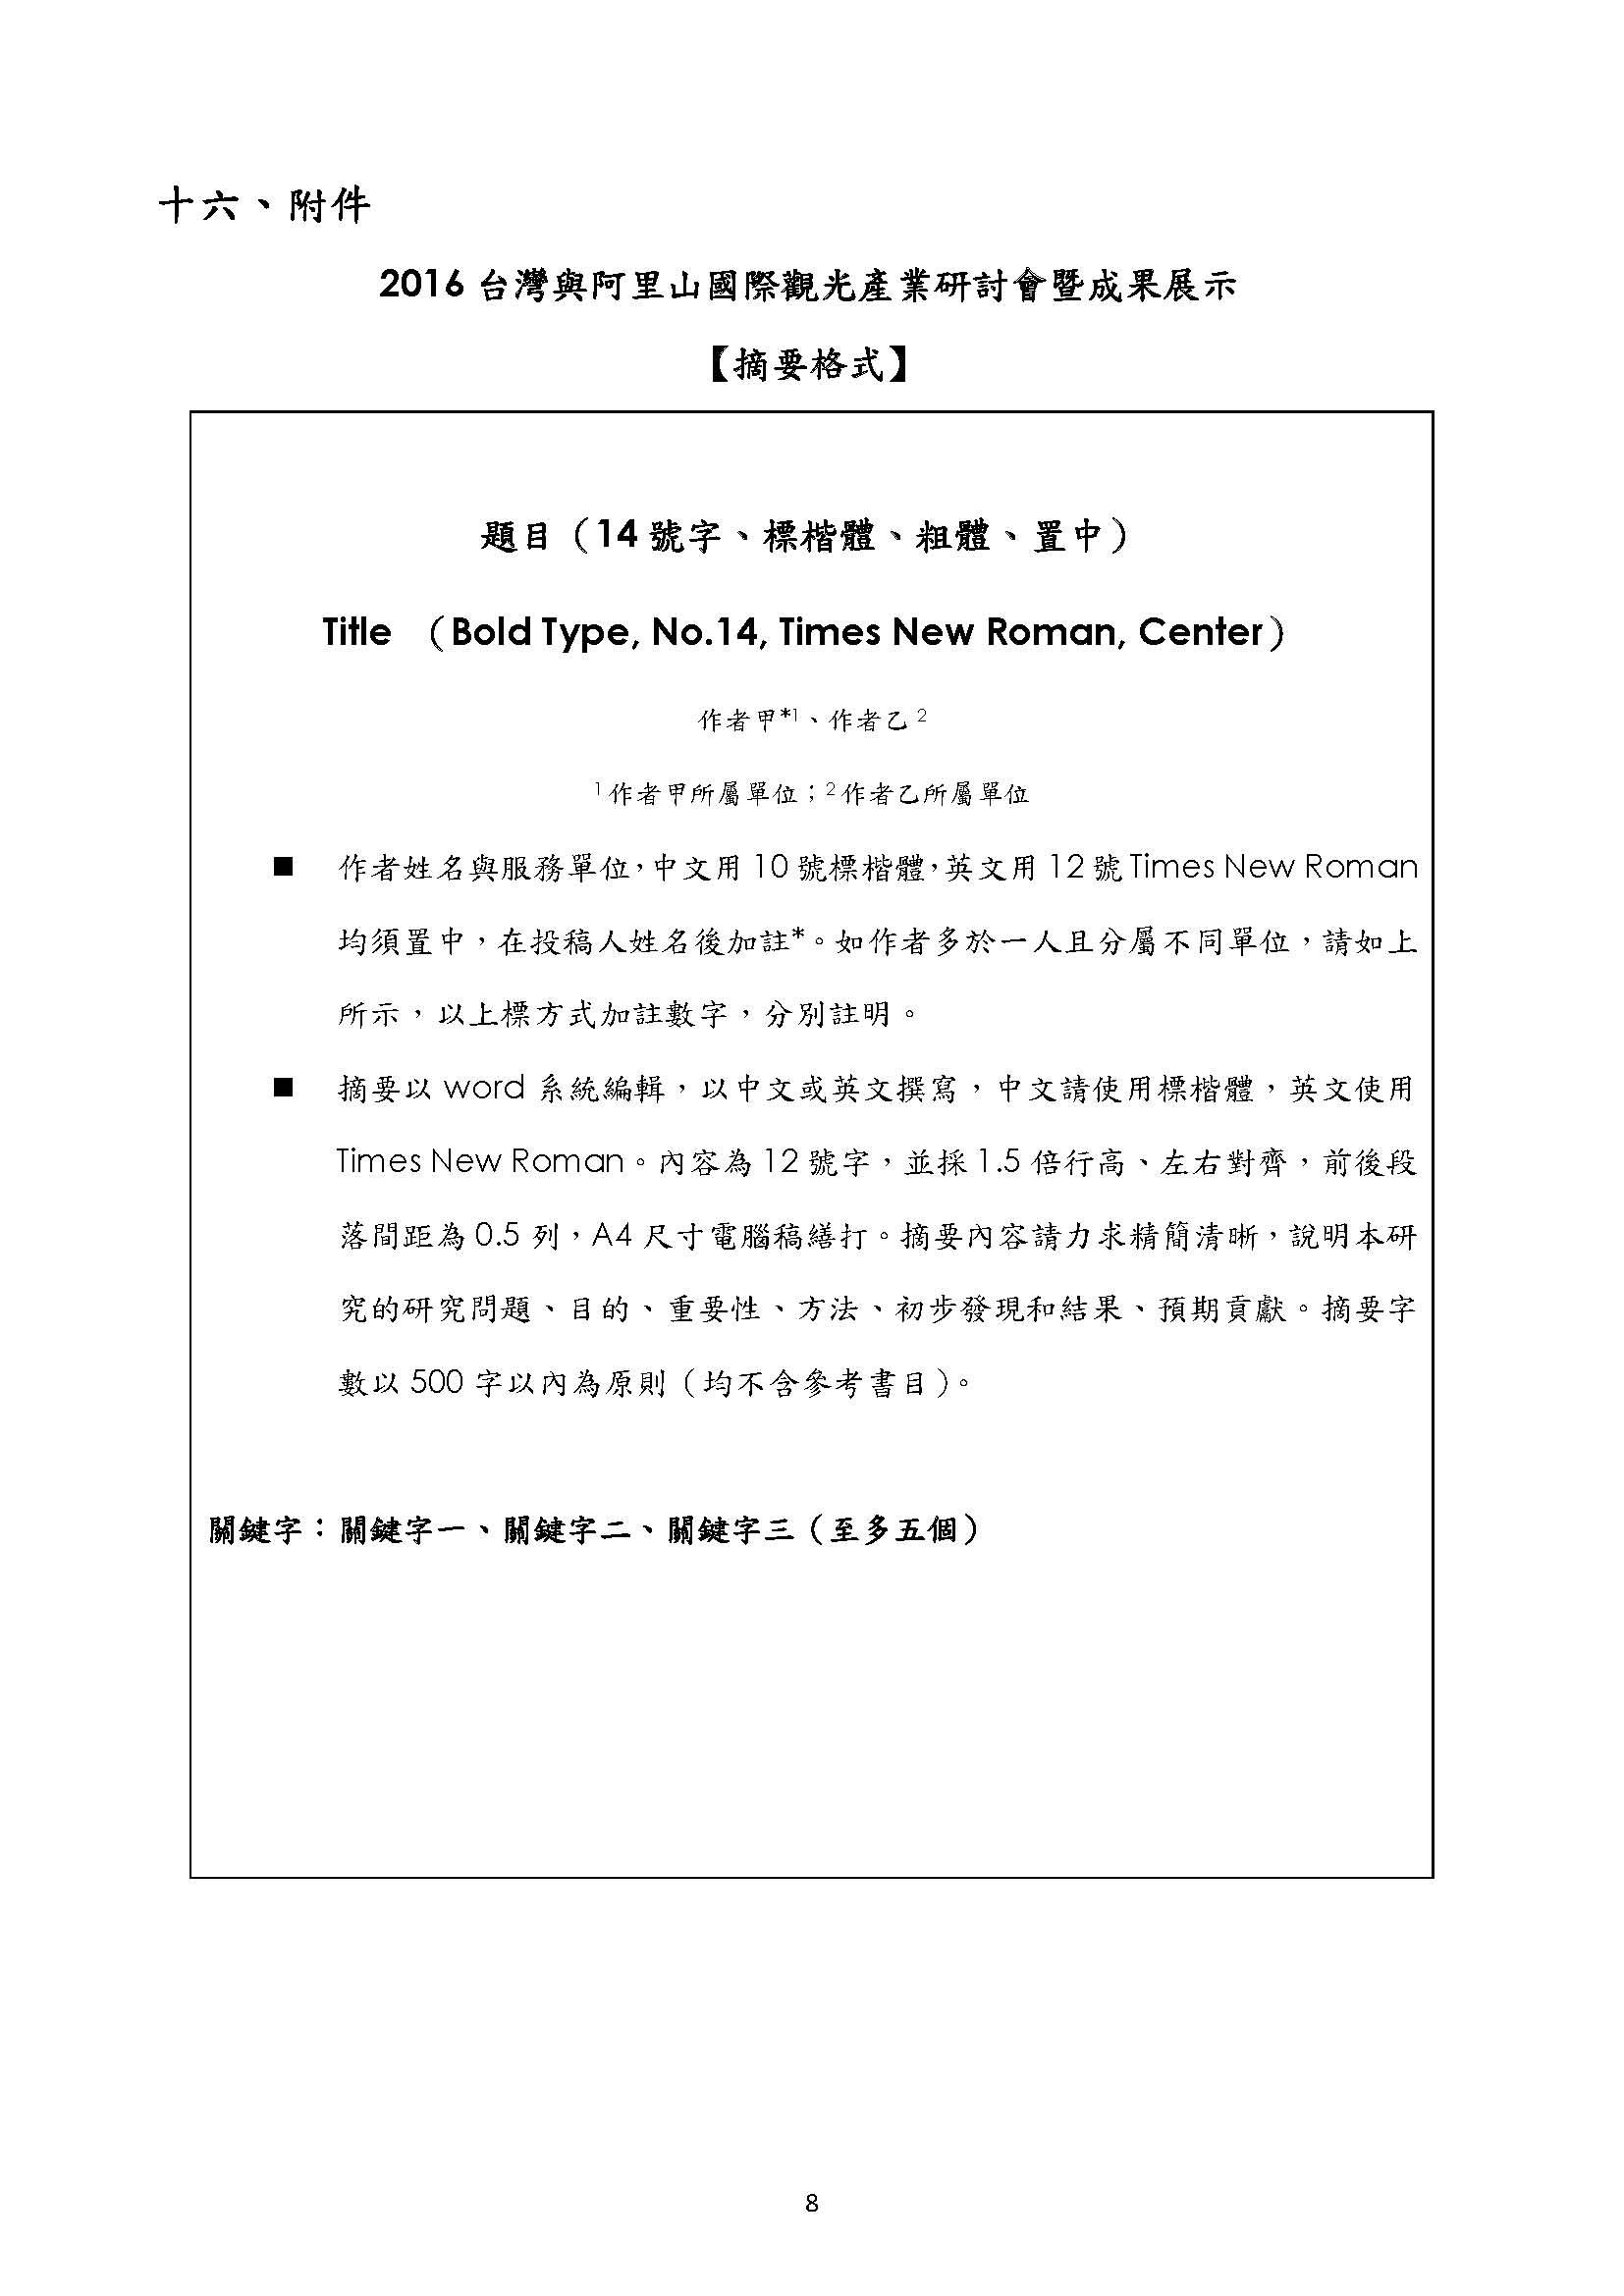 A095Q0000Q0000000_附件-2016台灣與阿里山國際觀光產業研討會_頁面_08